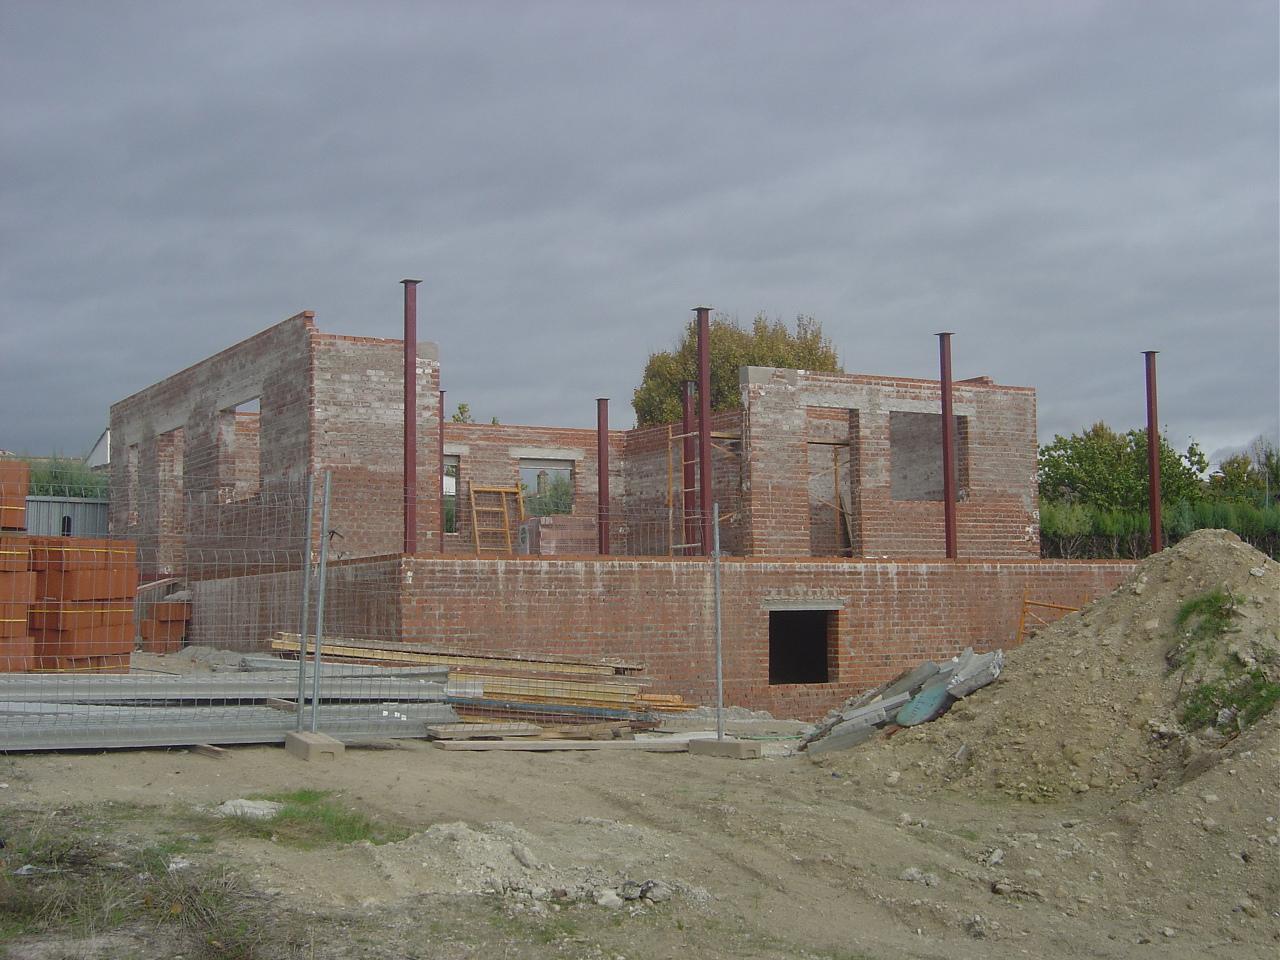 Proyecto de construcci n de chalet villa zaragoza - Construccion zaragoza ...